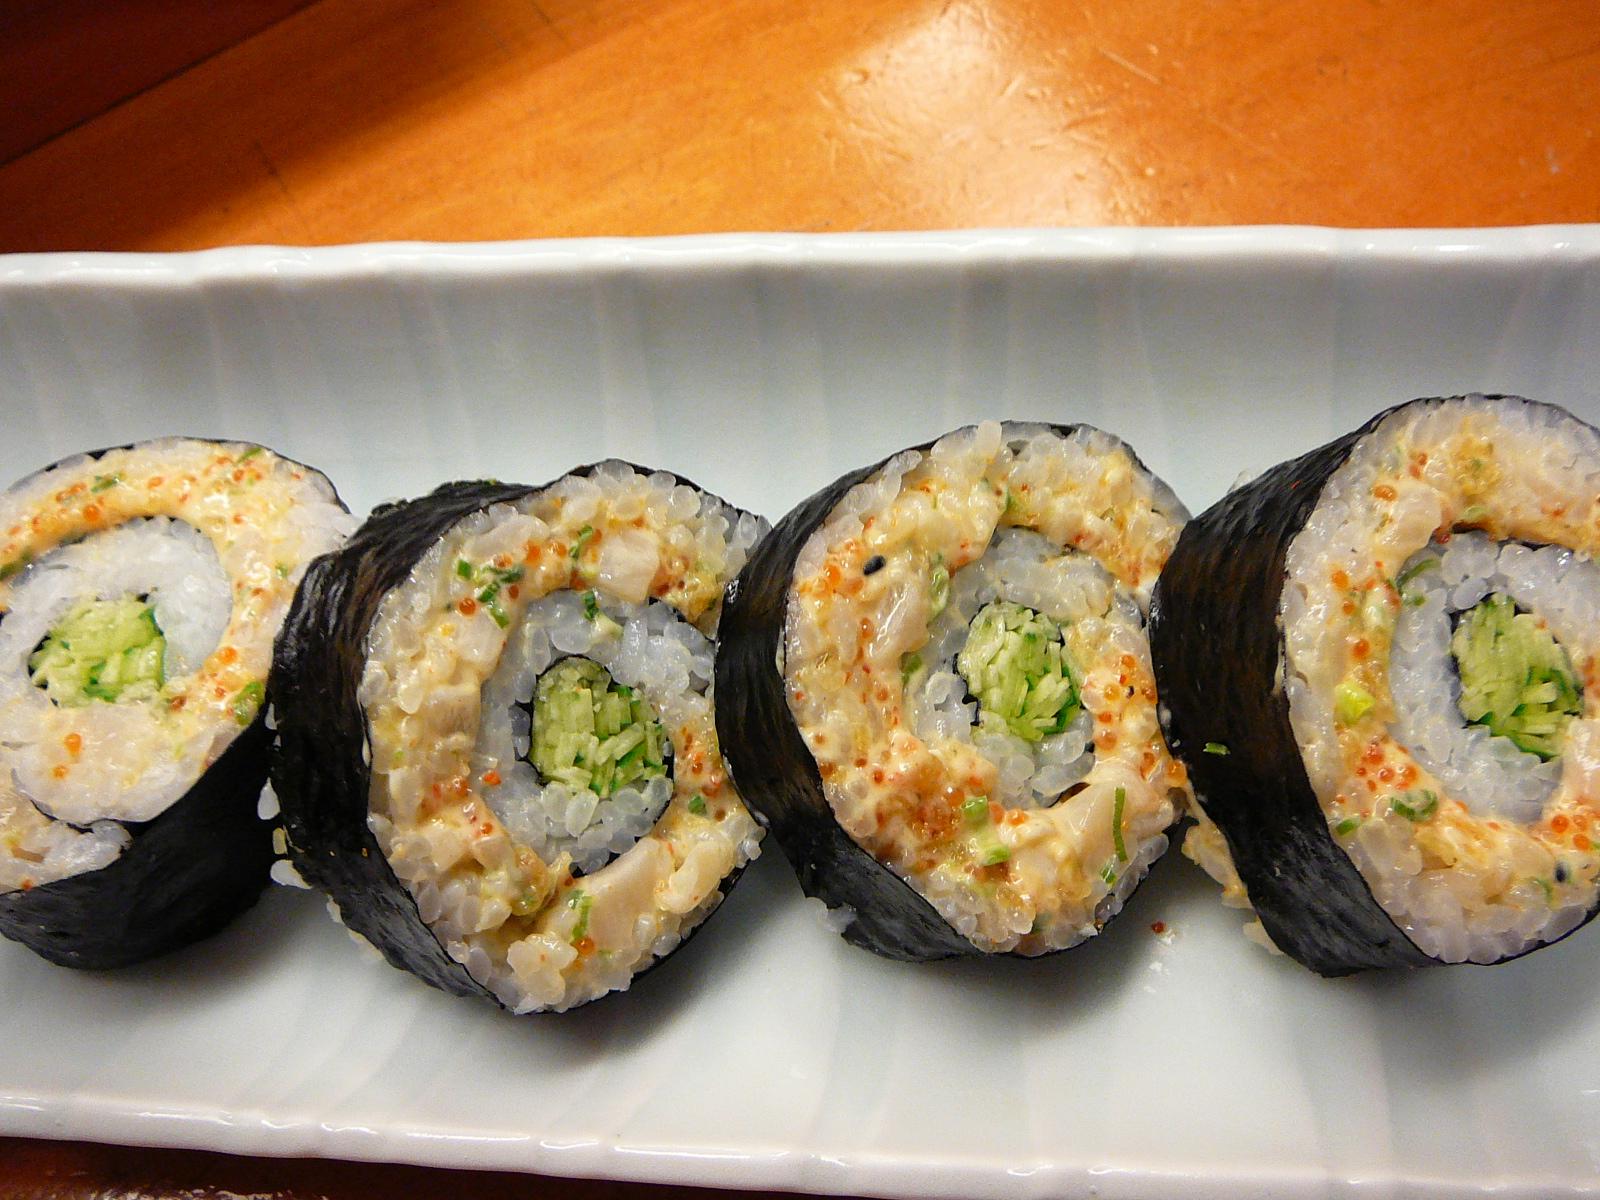 Sushi Recipes 1~4 | SHIZUOKA SUSHI & SASHIMI: The other Jewels of ...